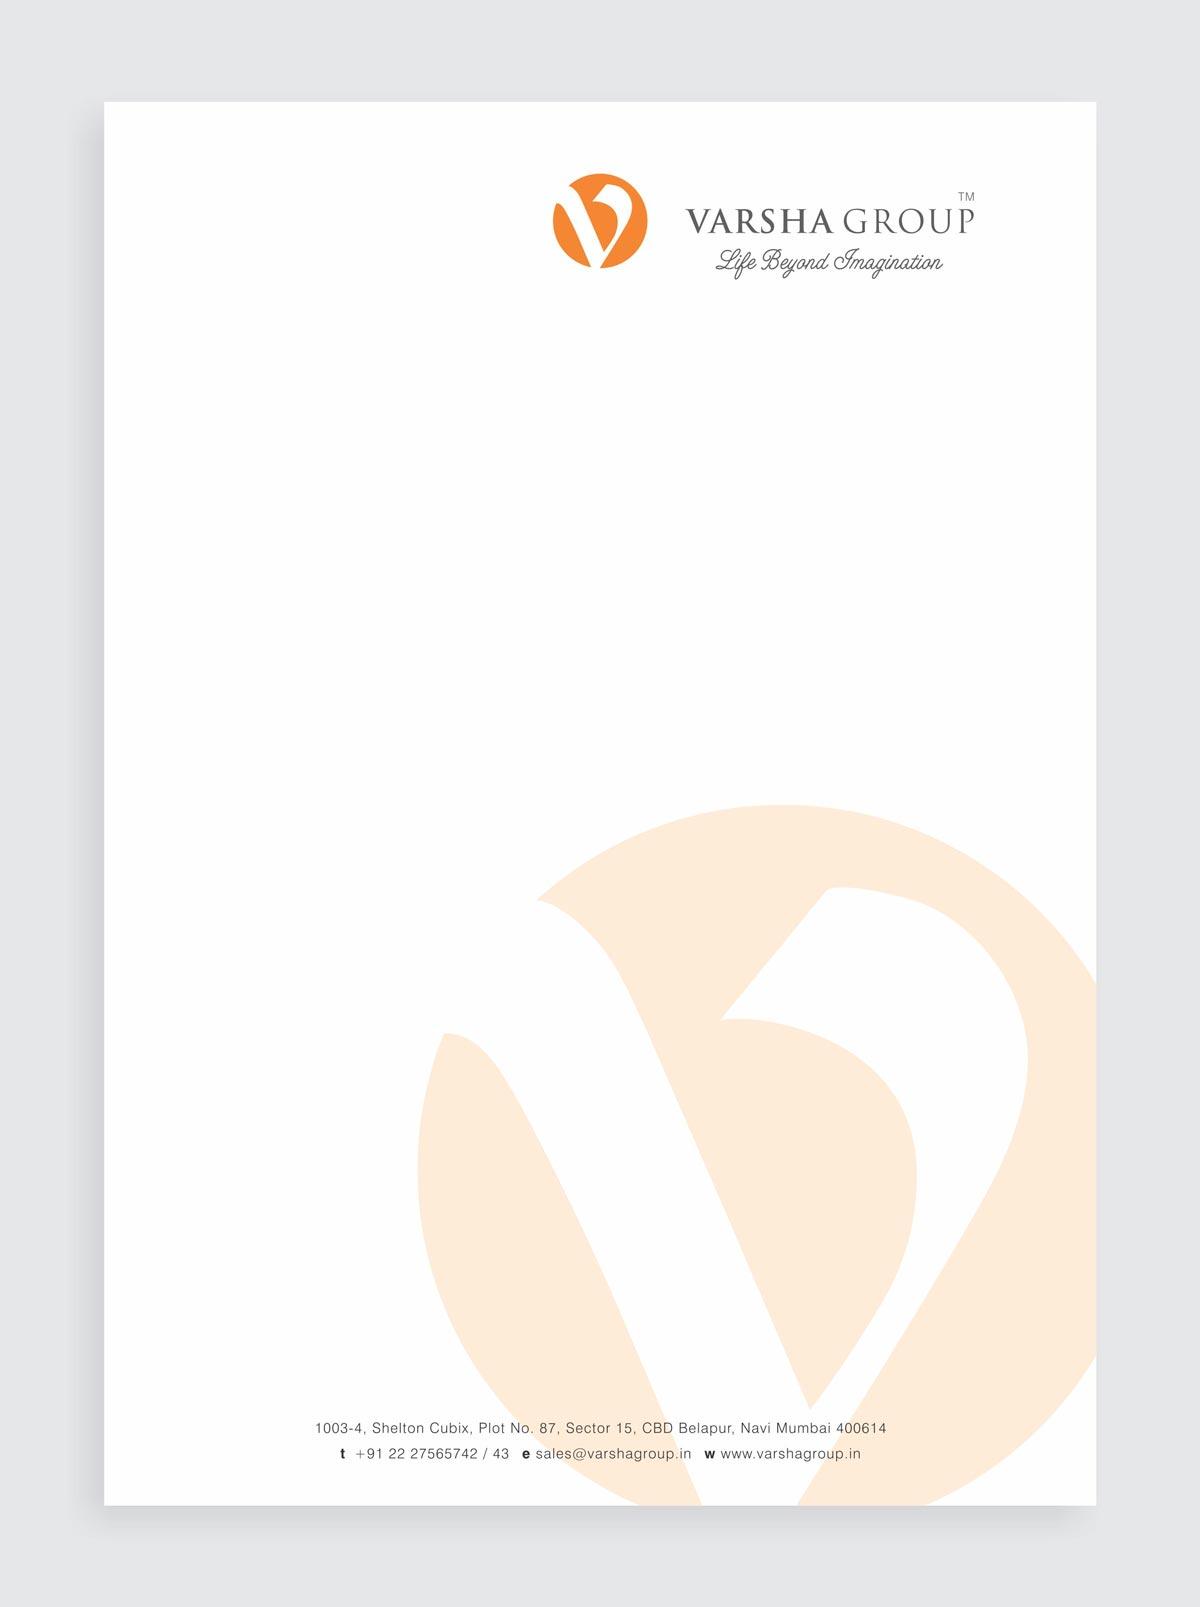 Letter Head Design for Varsha Group